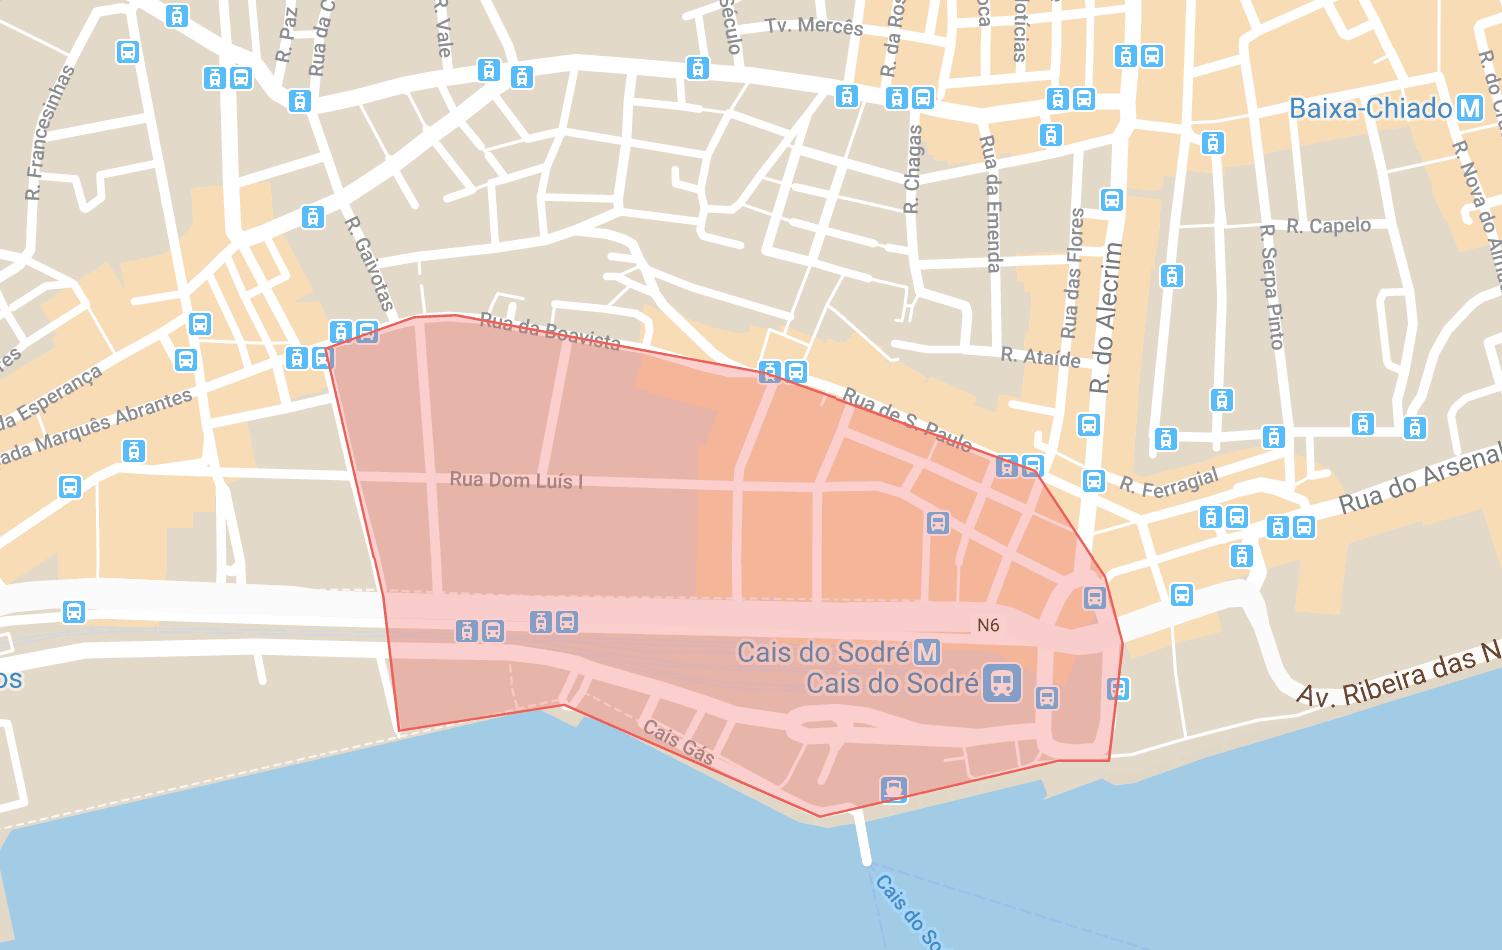 Se loger à Lisbonne carte du quartier de Cais do Sodre